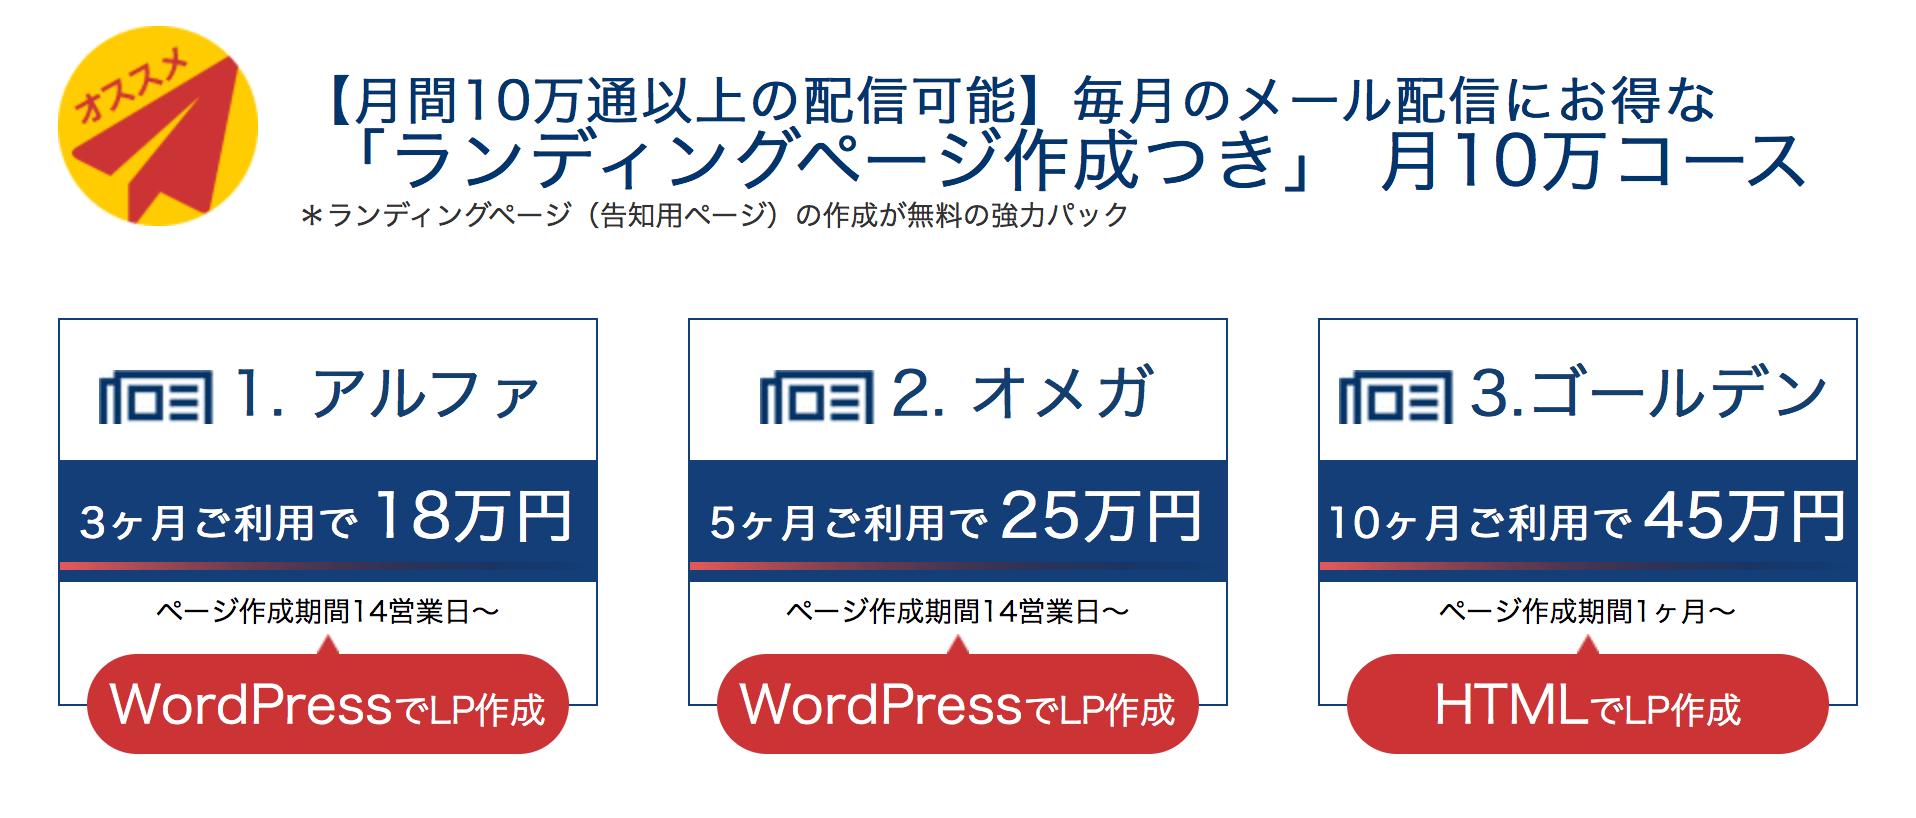 月10万通メール配信コース